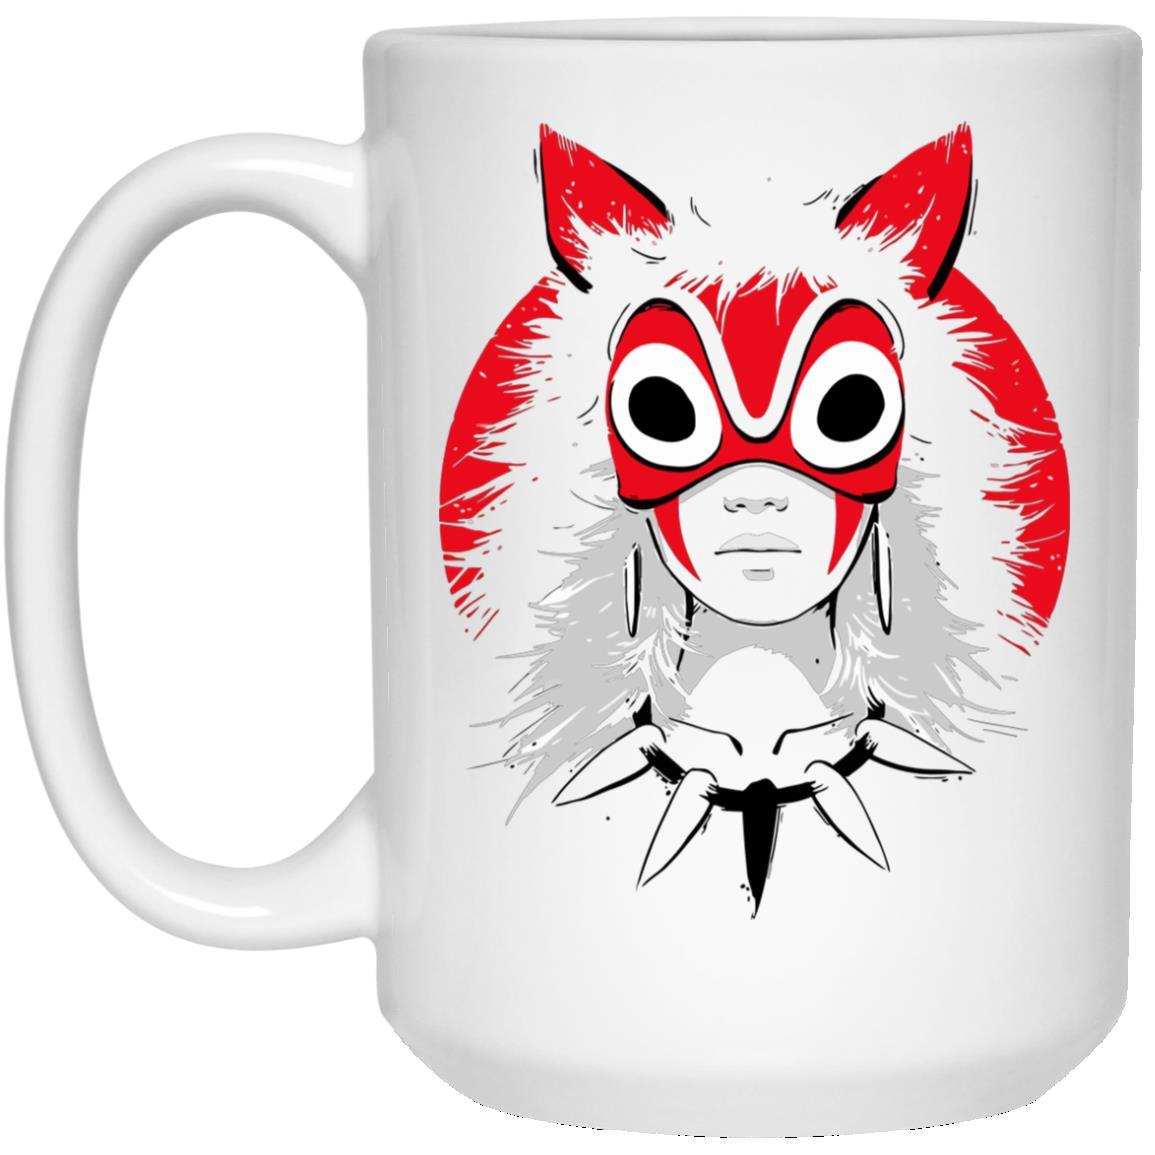 Princess Mononoke and the Broken Mask Mug